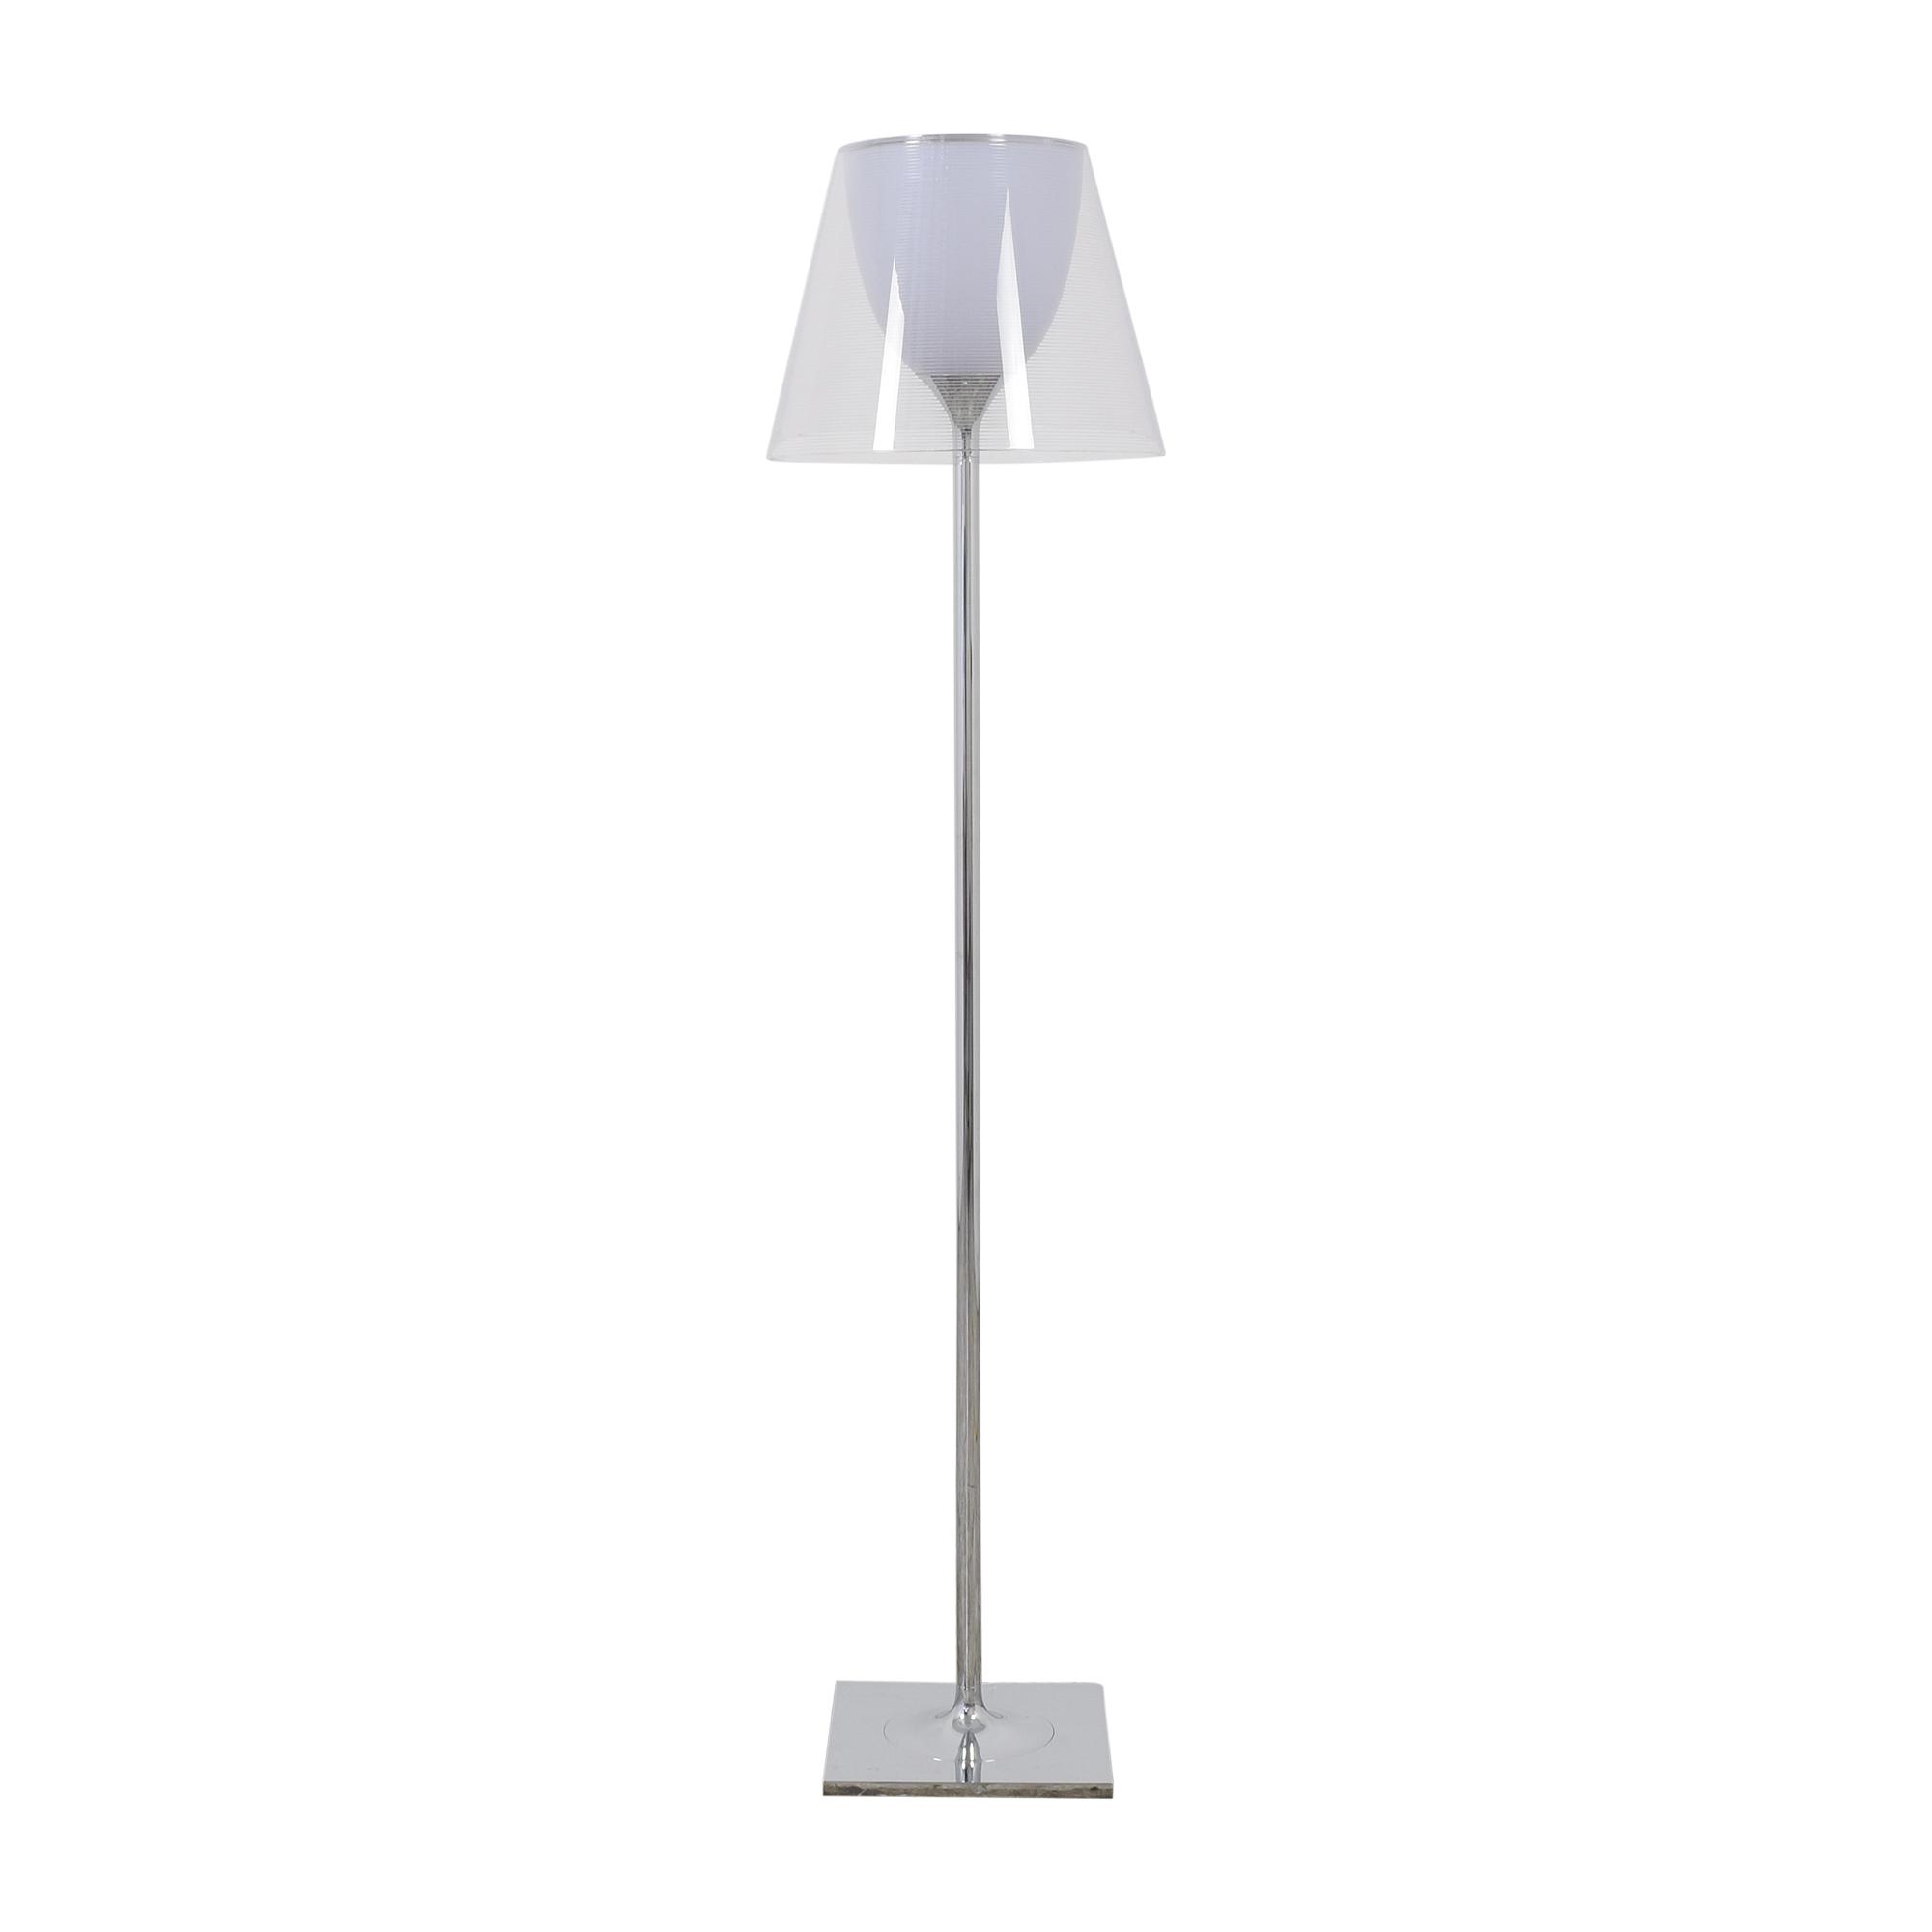 FLOS Flos KTribe F2 Floor Lamp by Philippe Starck nj